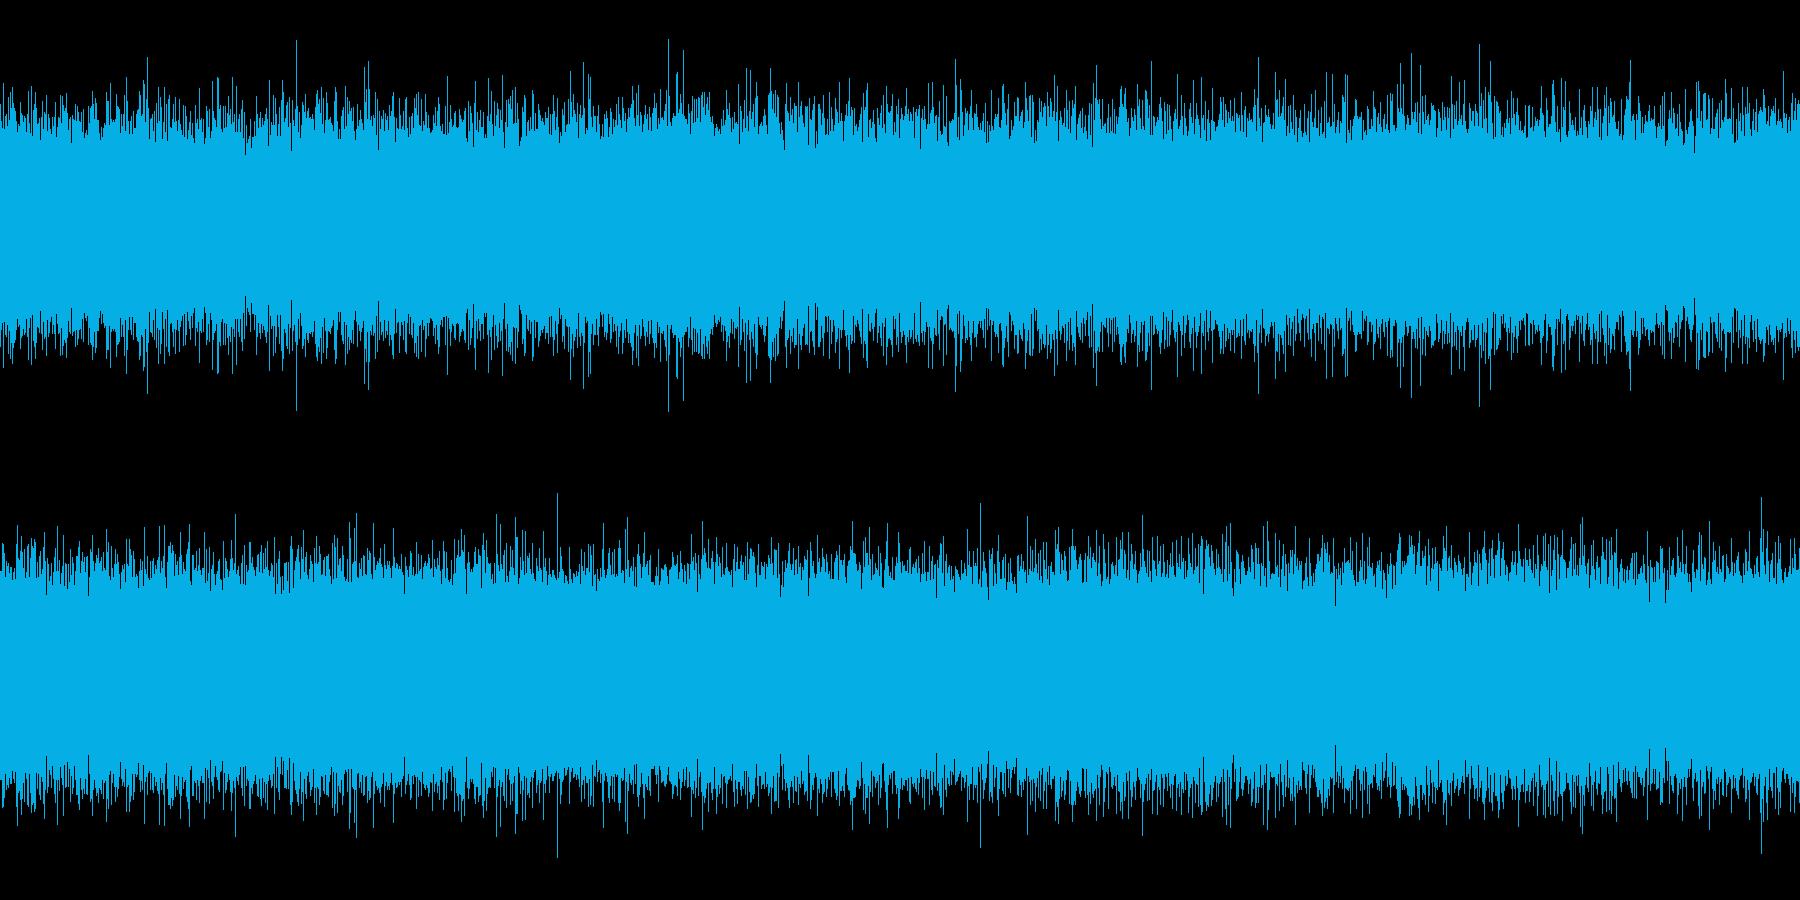 滝・水流(ループ)の再生済みの波形